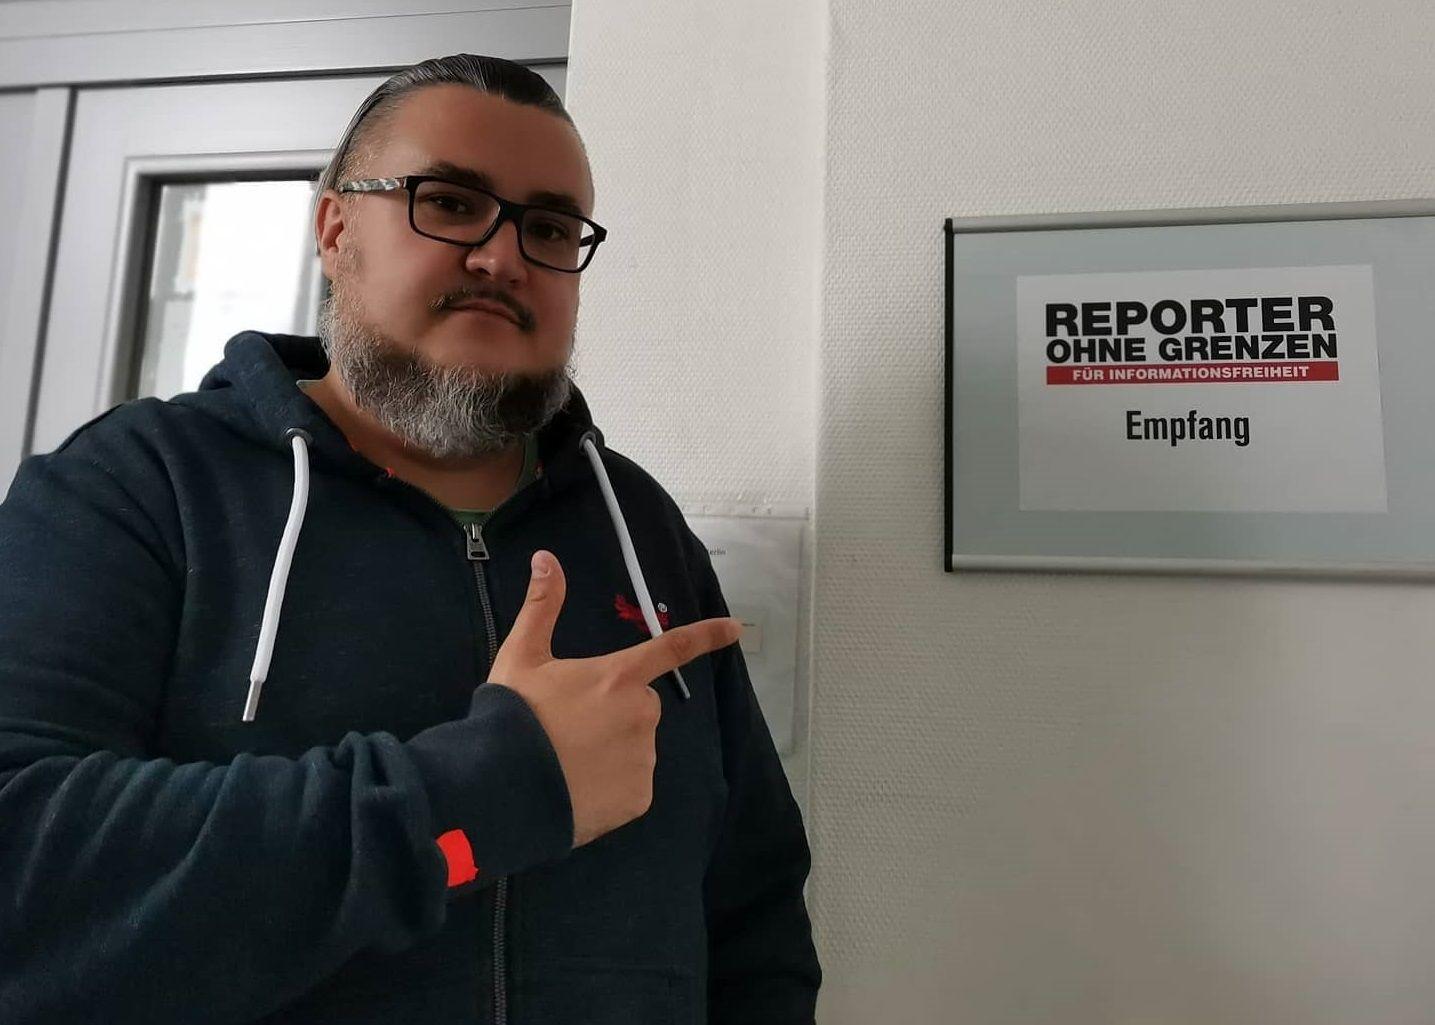 Сергей Пинягин в офисе организации «Репортеры без границ» ©Фото из архива Сергея Пинягина